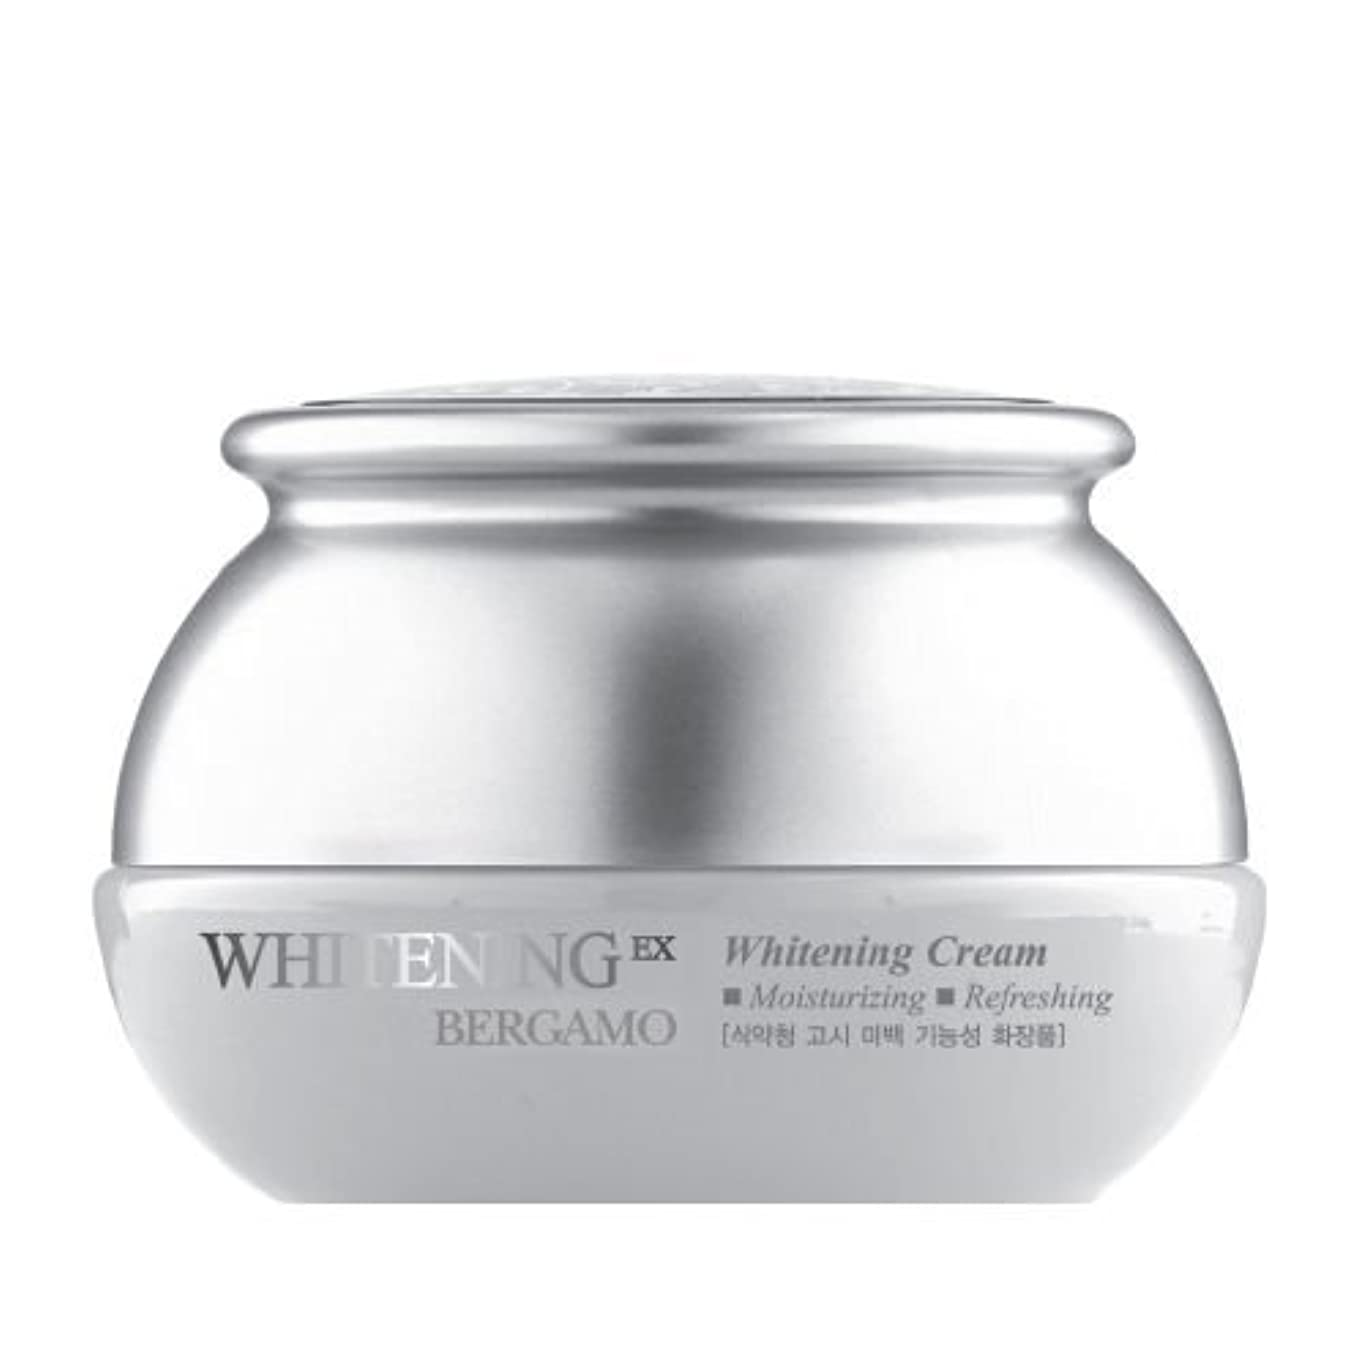 線対立バレルベルガモ[韓国コスメBergamo]Whitening EX Wrinkle Care Cream ホワイトニングEXリンクルケアクリーム50ml しわ管理 [並行輸入品]